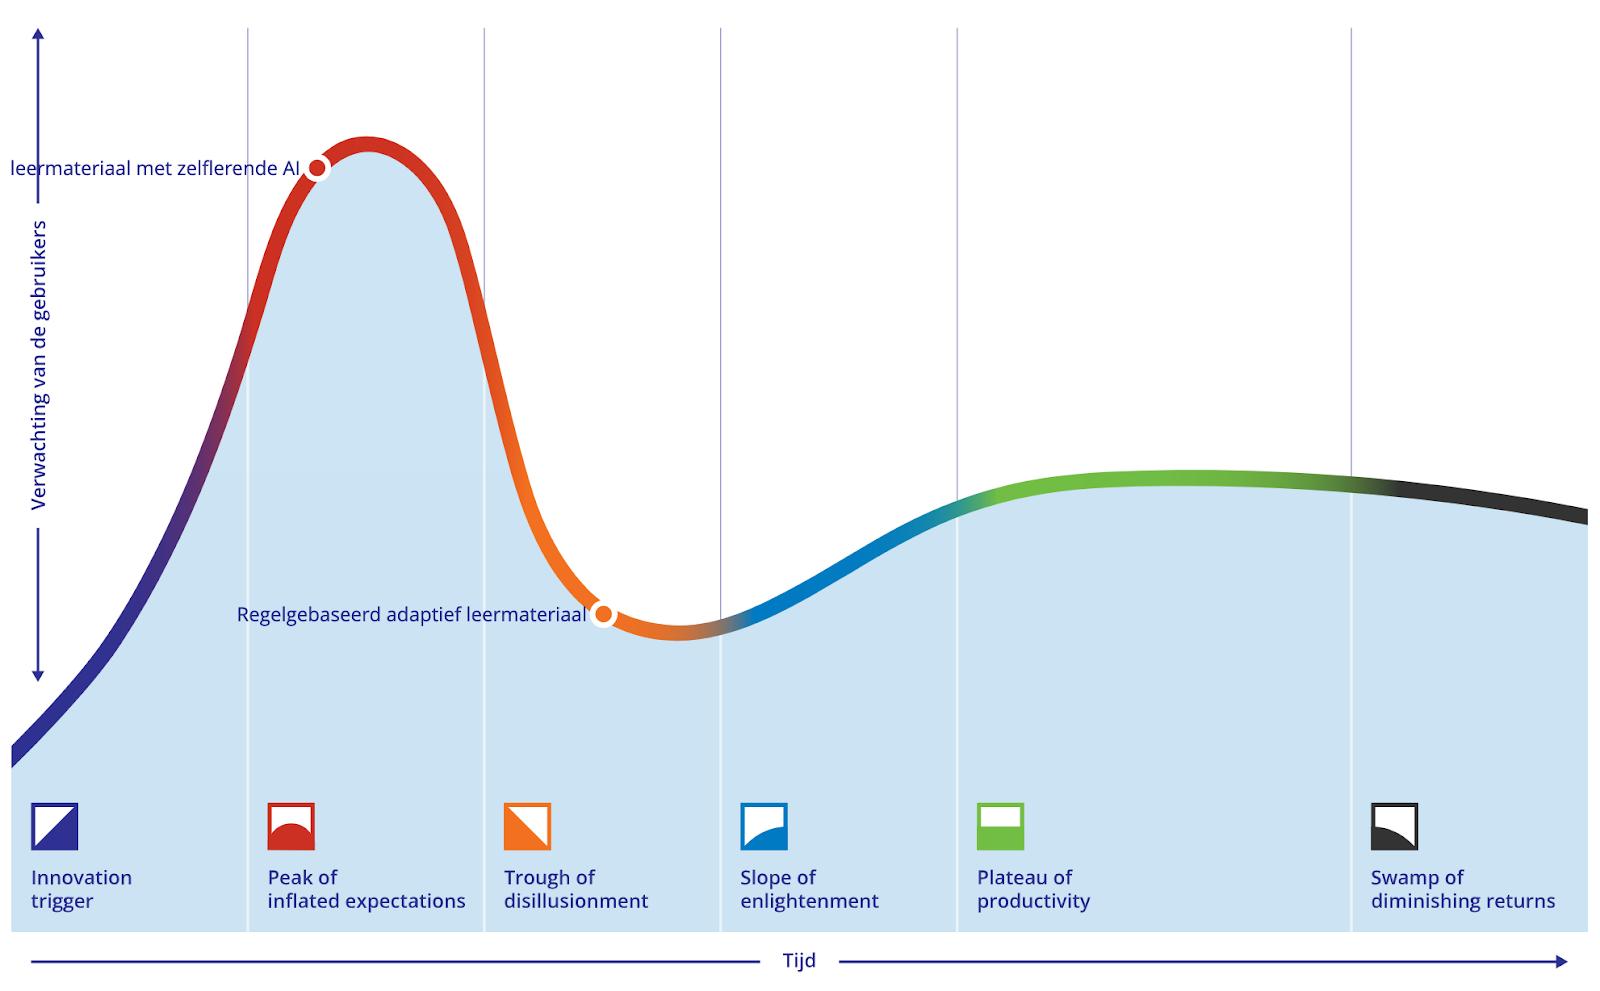 Plaatje van de Hype Cycle - waar staan 'leermateriaal met zelflerende AI' en 'regelgebaseerd AI' op de Hype Cycle.